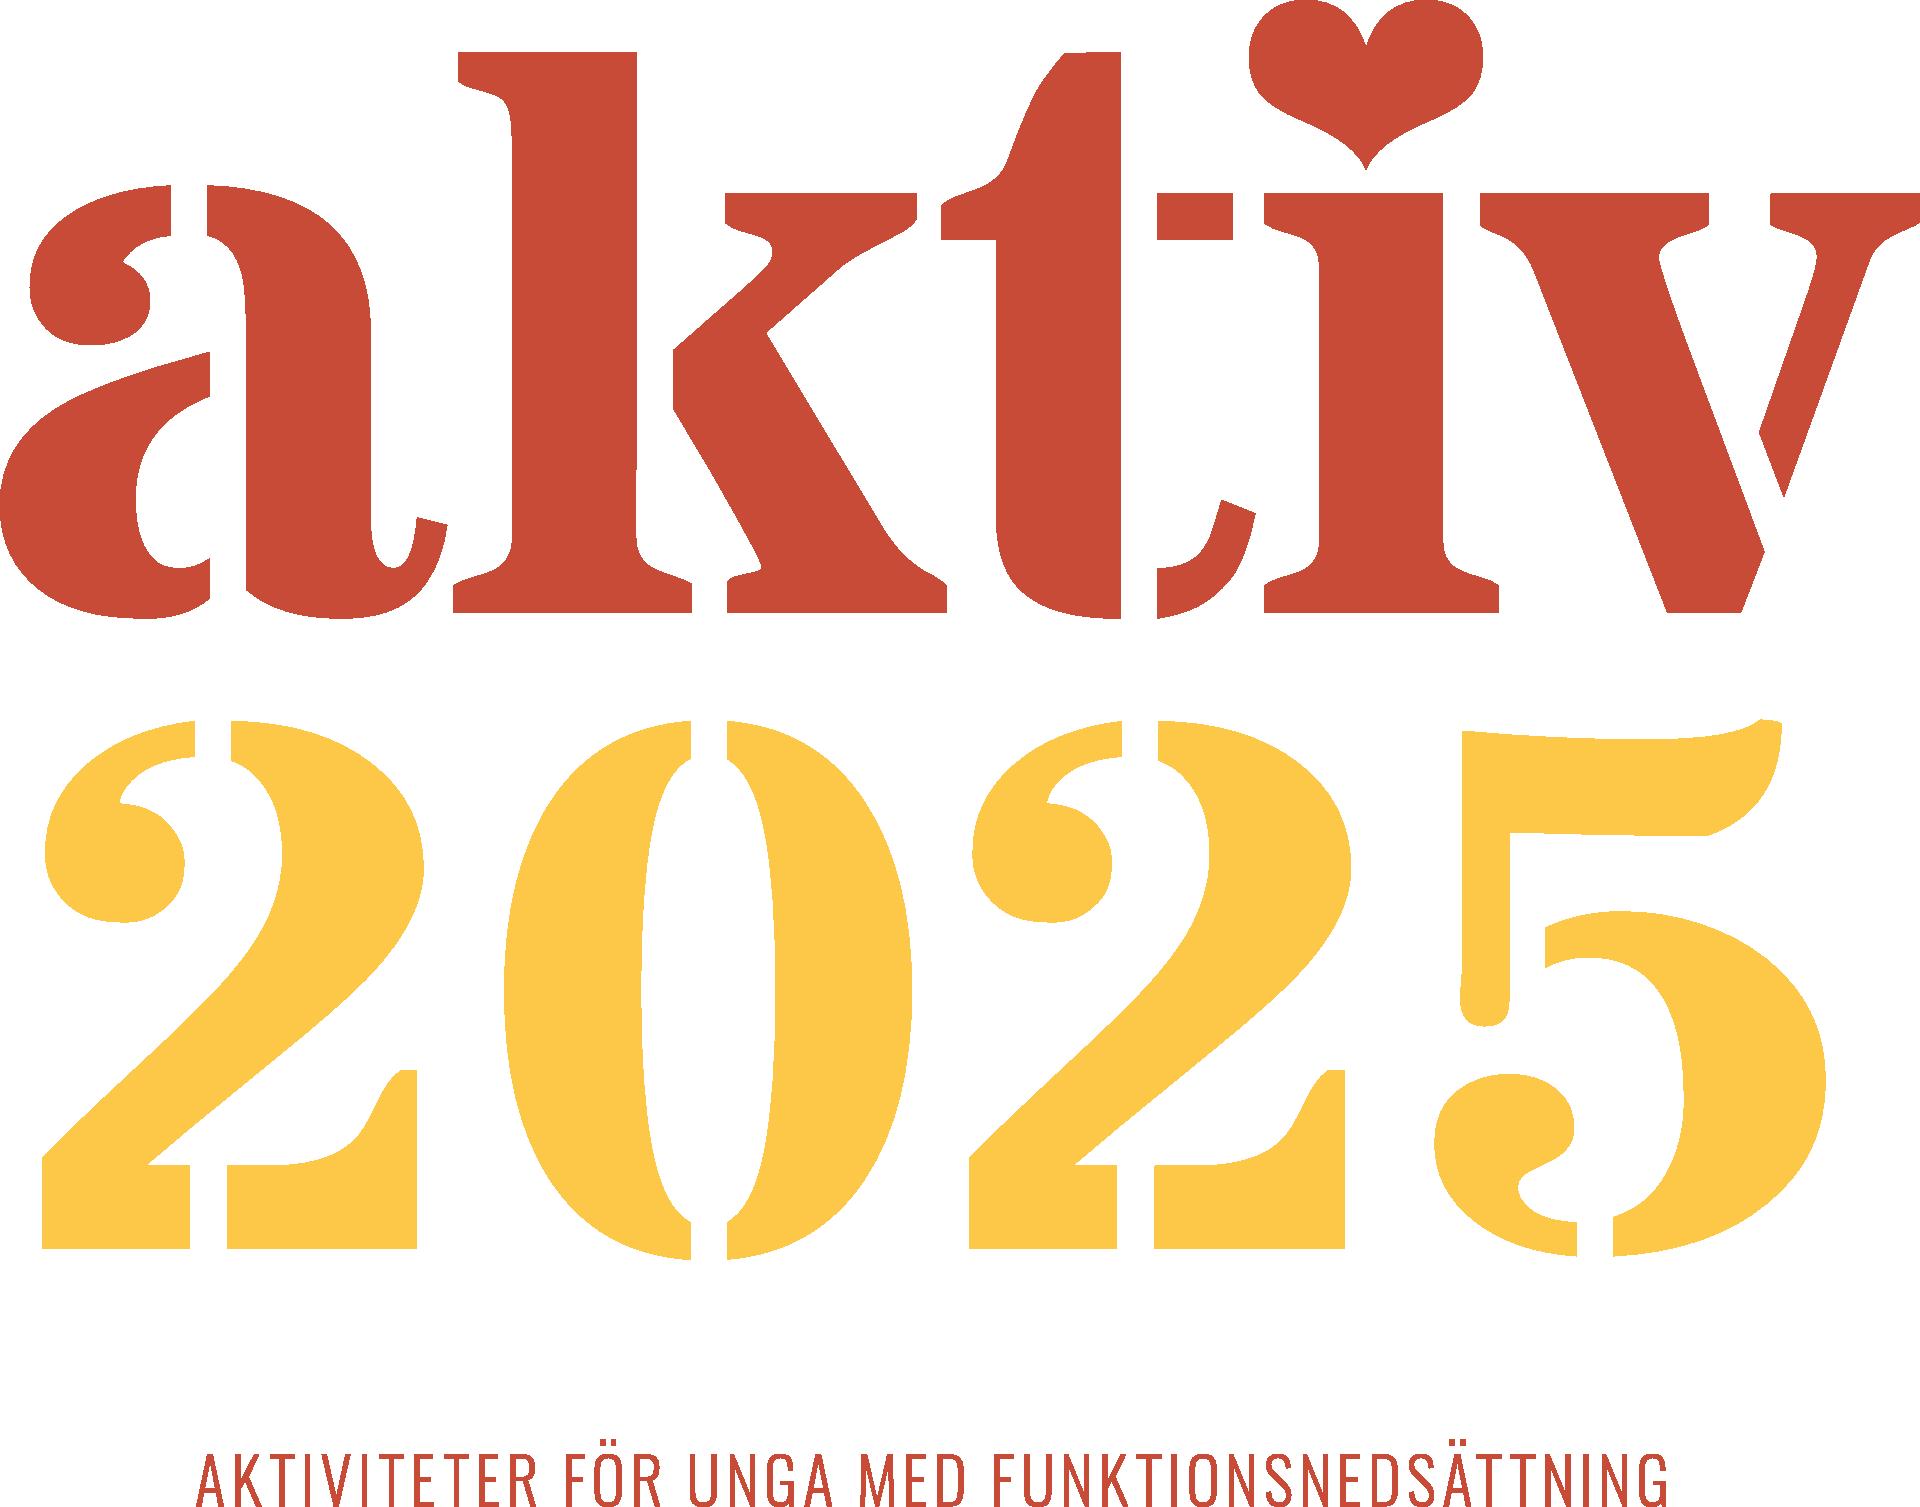 aktiv-2025-aktivitet-for-unga-med-funktionsnedsattning